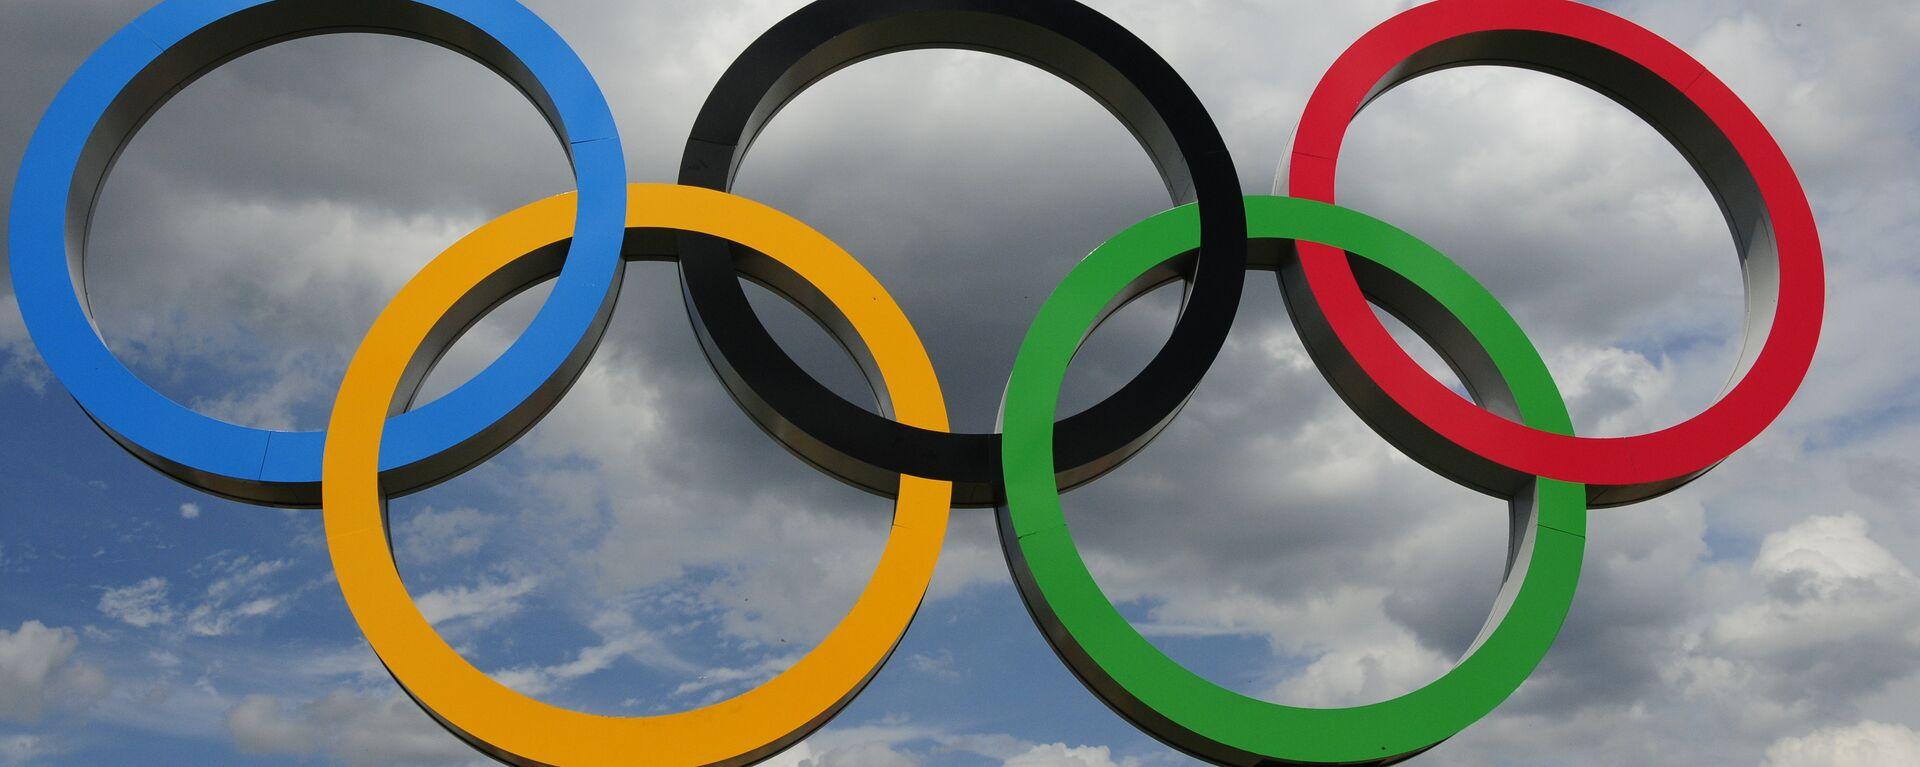 Los aros olímpicos - Sputnik Mundo, 1920, 21.07.2021